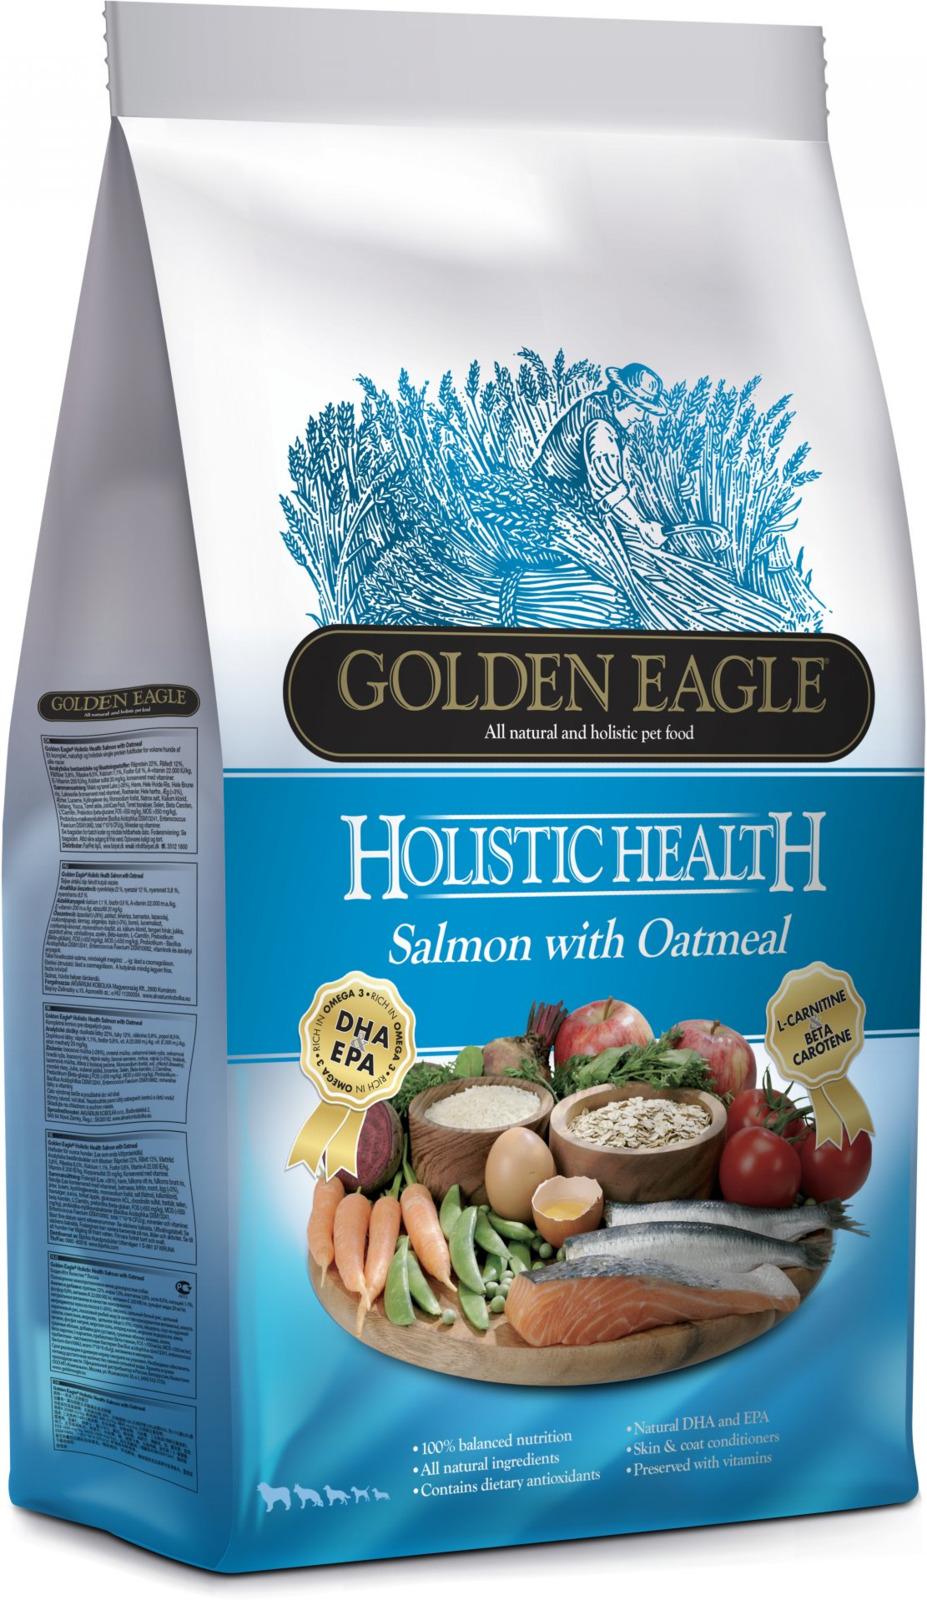 Корм сухой Golden Eagle Holistic Dog Adult Salmon&Oatmeal, для взрослых собак, на основе лосося с овсянкой, 6 кг golden eagle holistic health power formula для активных собак 12кг 233834